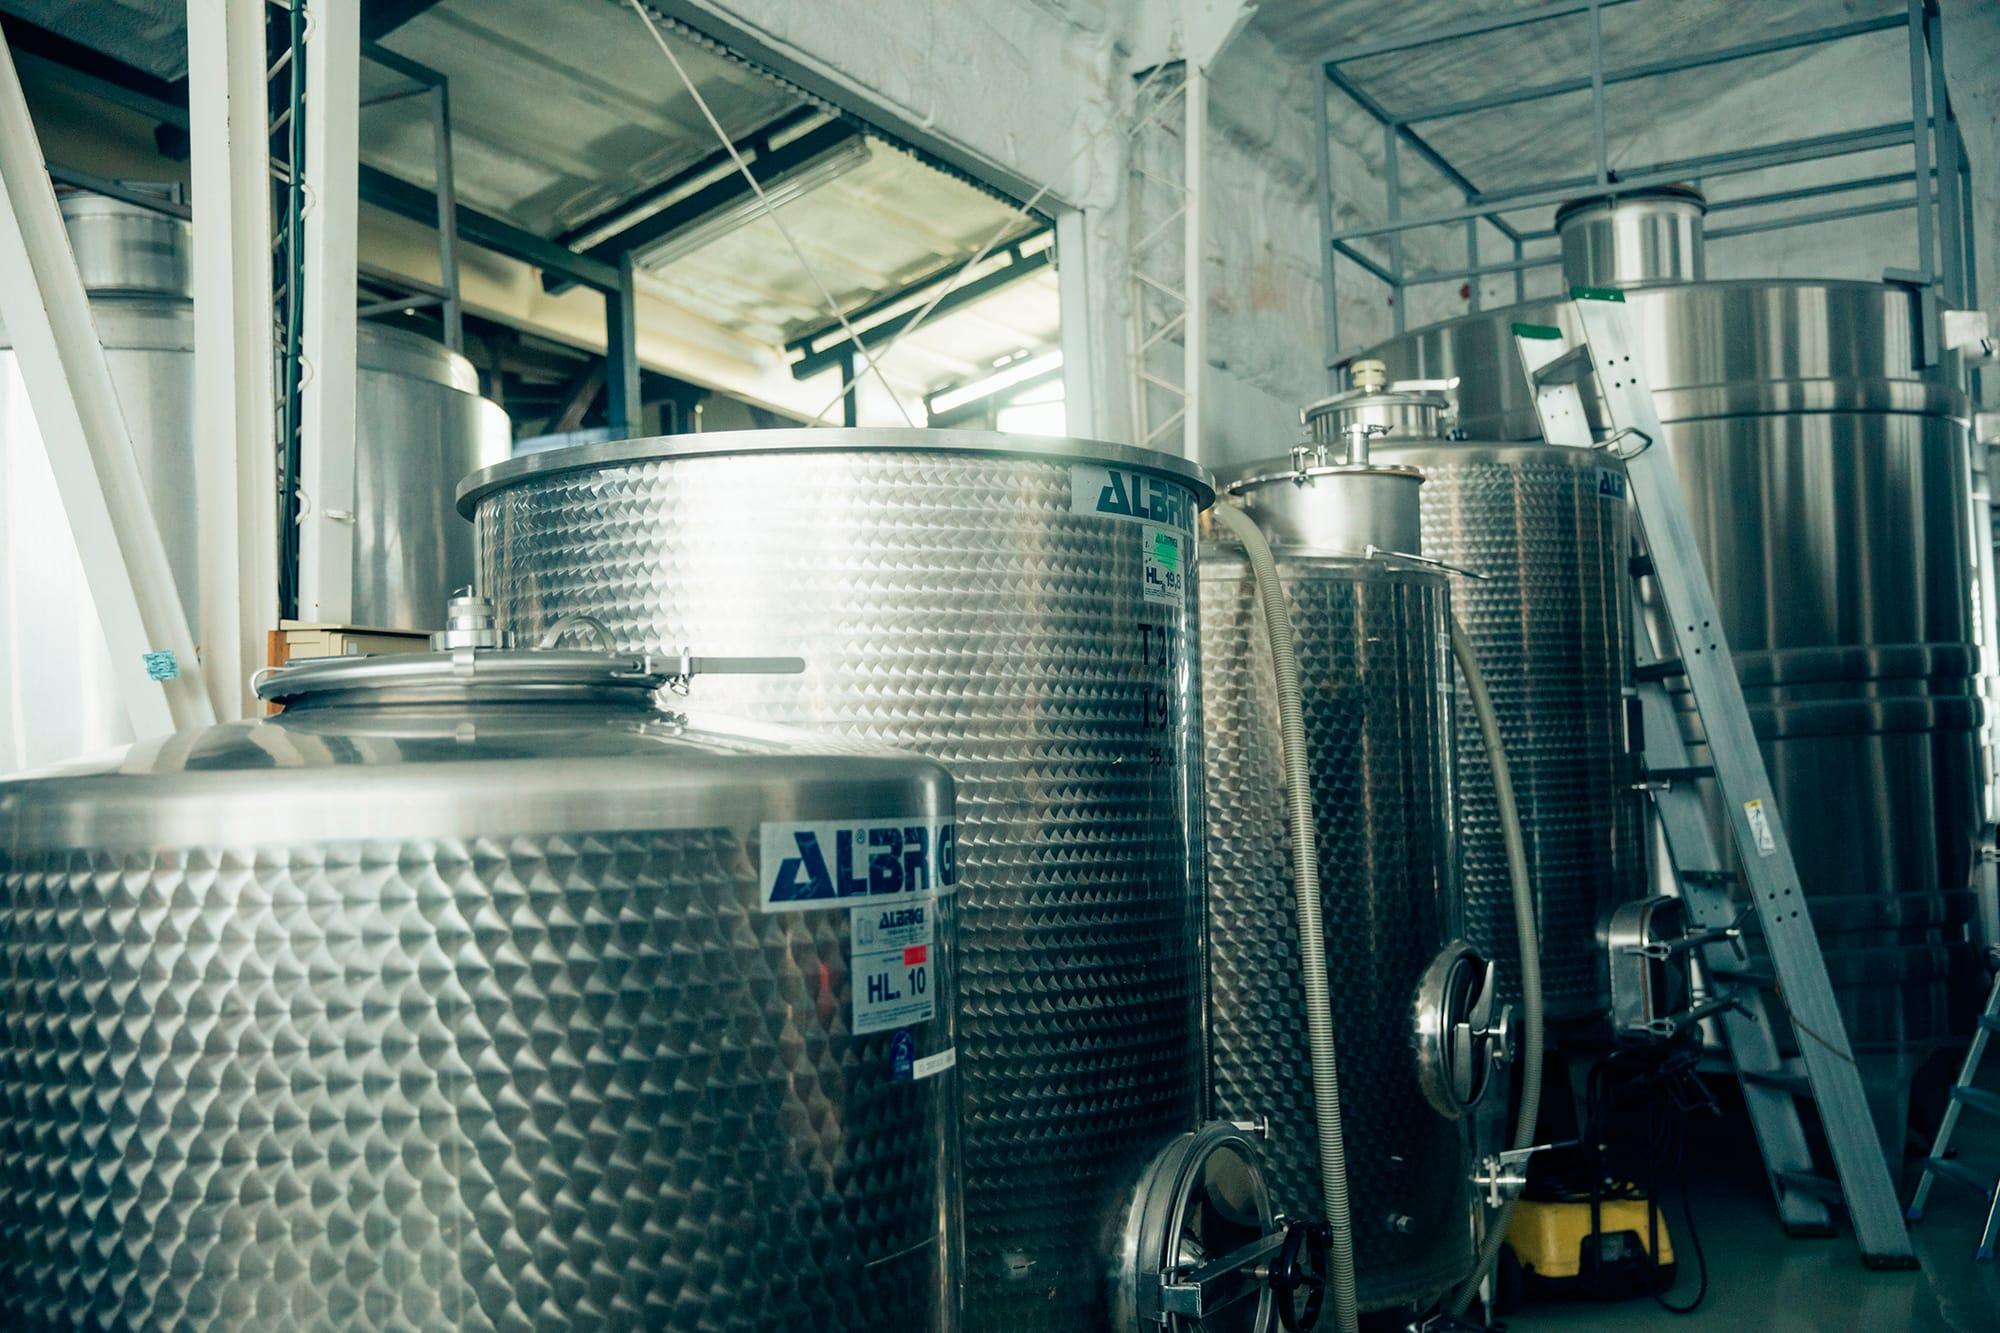 勝沼の醸造施設で使用しているステンレス製の発酵タンク。清潔な環境はピュアな風味のワインを造るうえで欠かせない要素。ボルドーの恩師であるドゥニ・デュブルデュー教授は、甲州の果汁を酸化させないよう厳命したという。